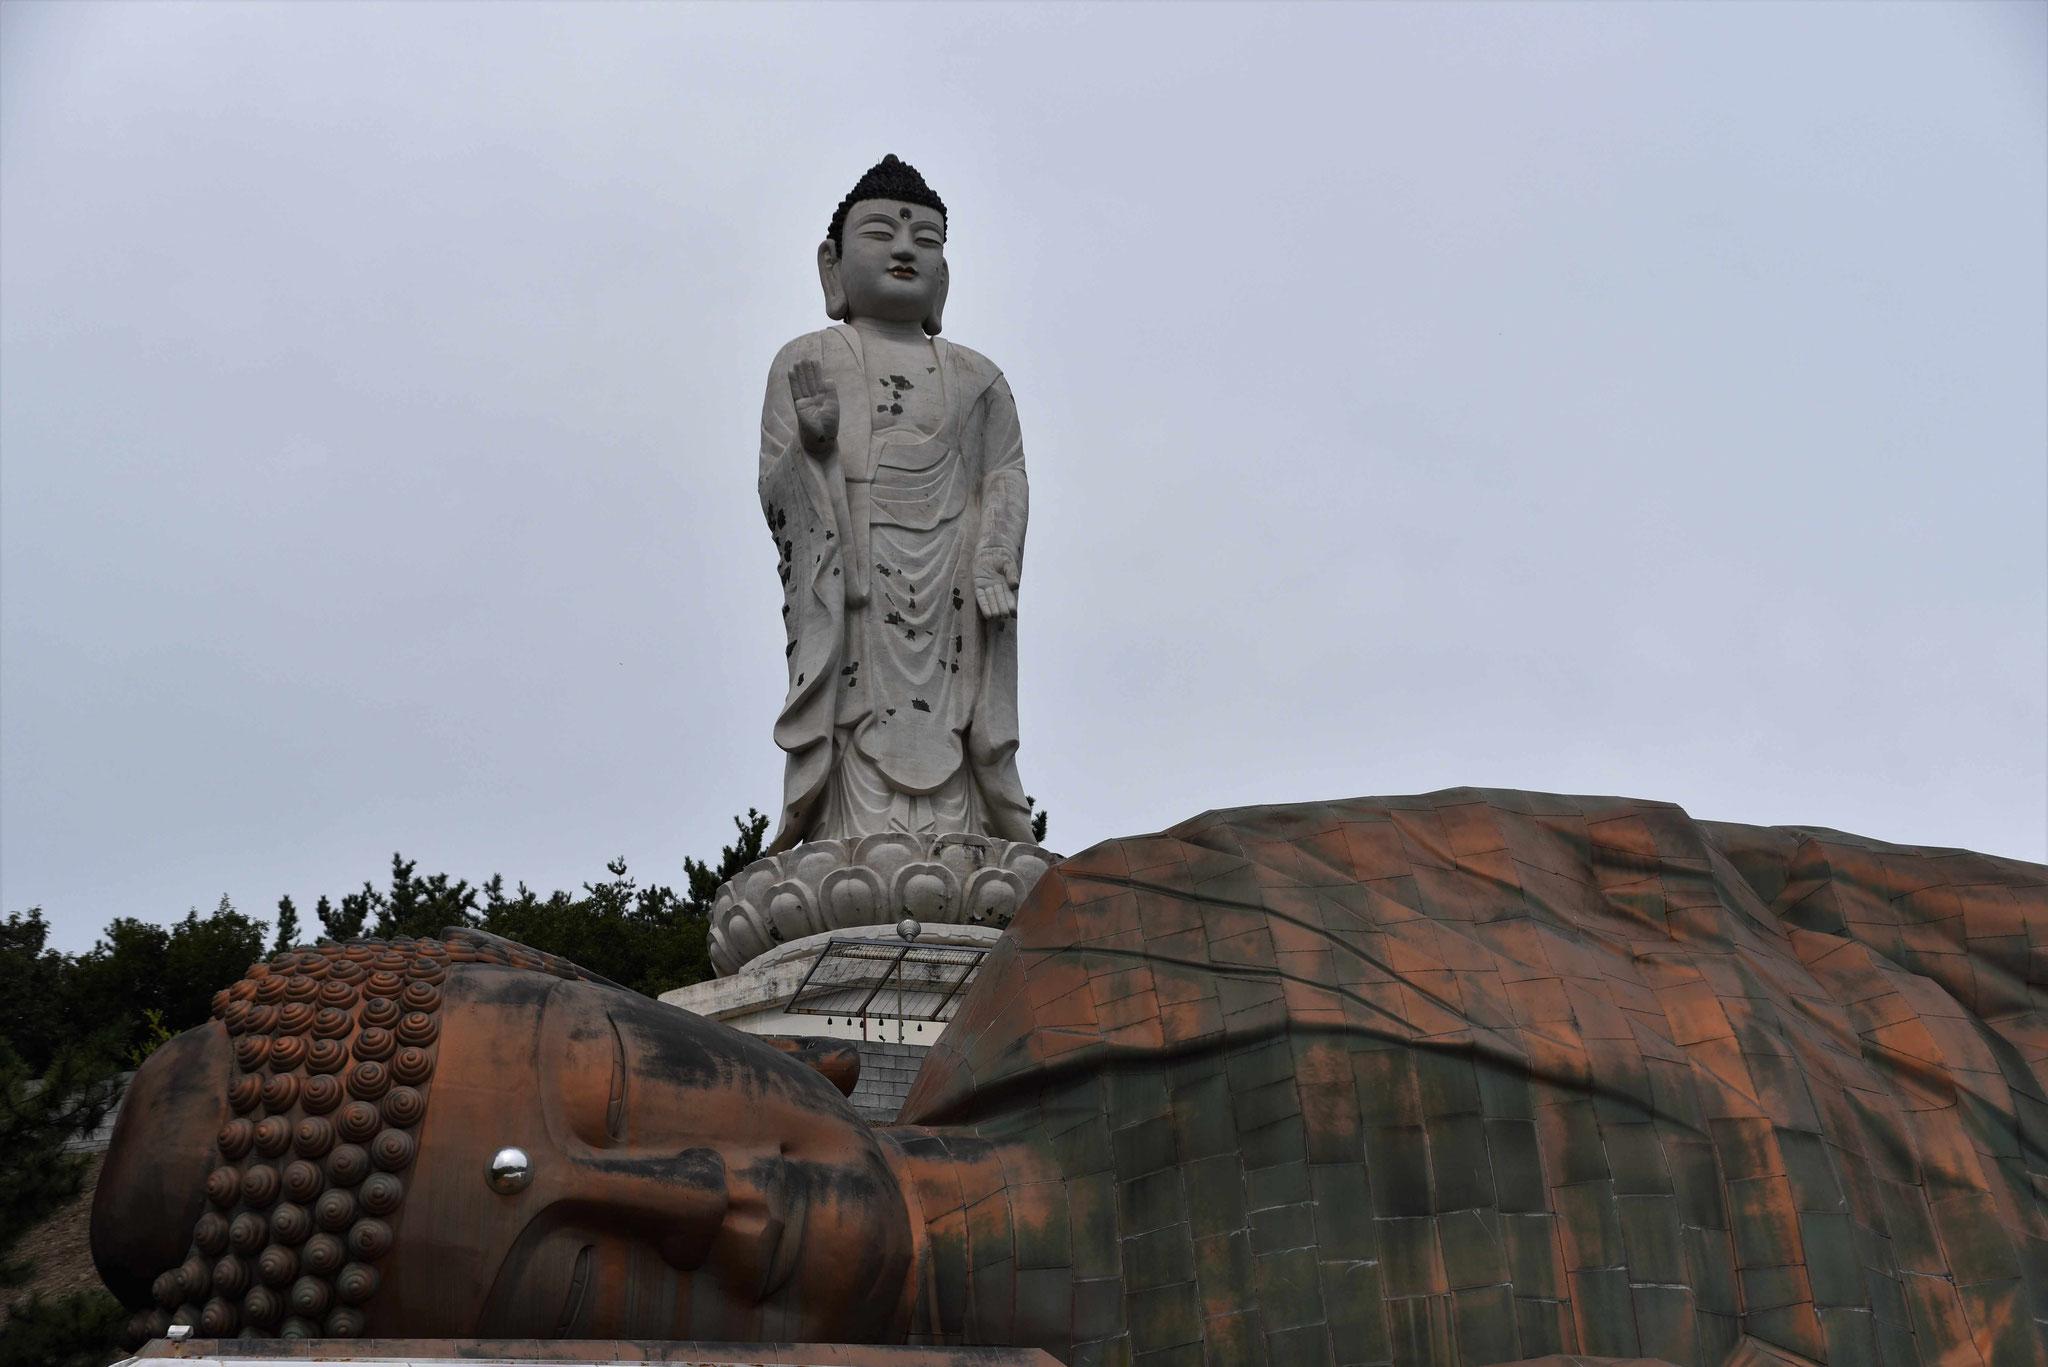 Kopf des liegenden Buddas vor dem großen stehenden Budda